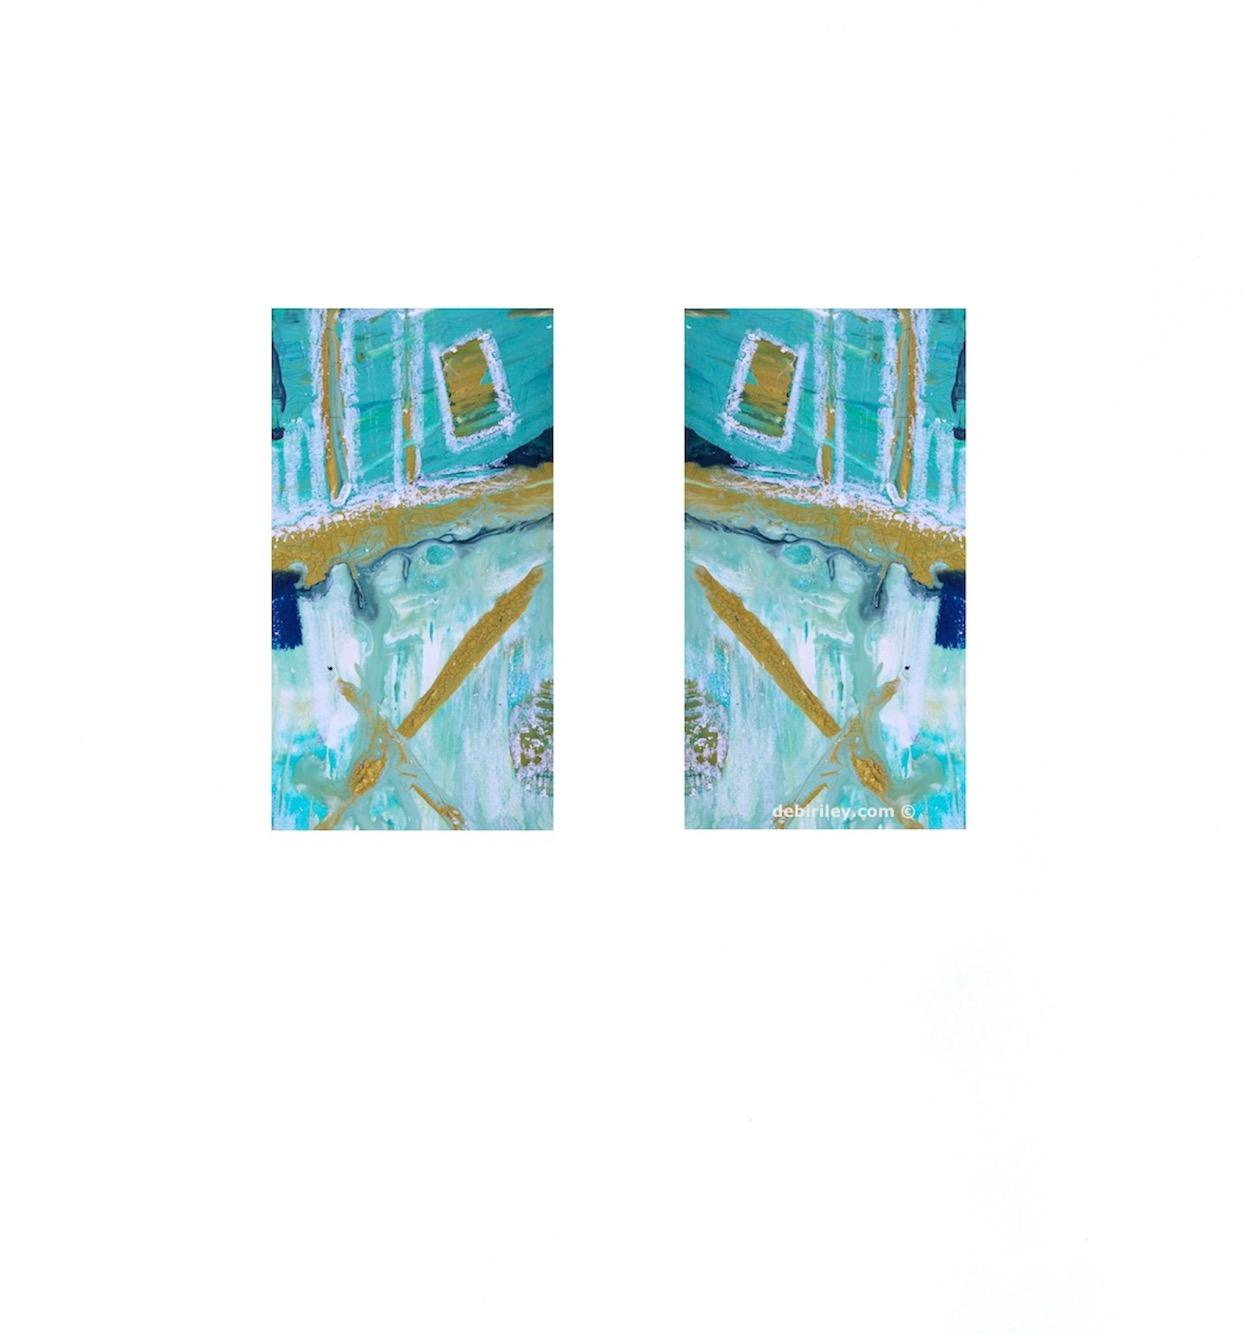 cobalt teal abstract, debiriley.com